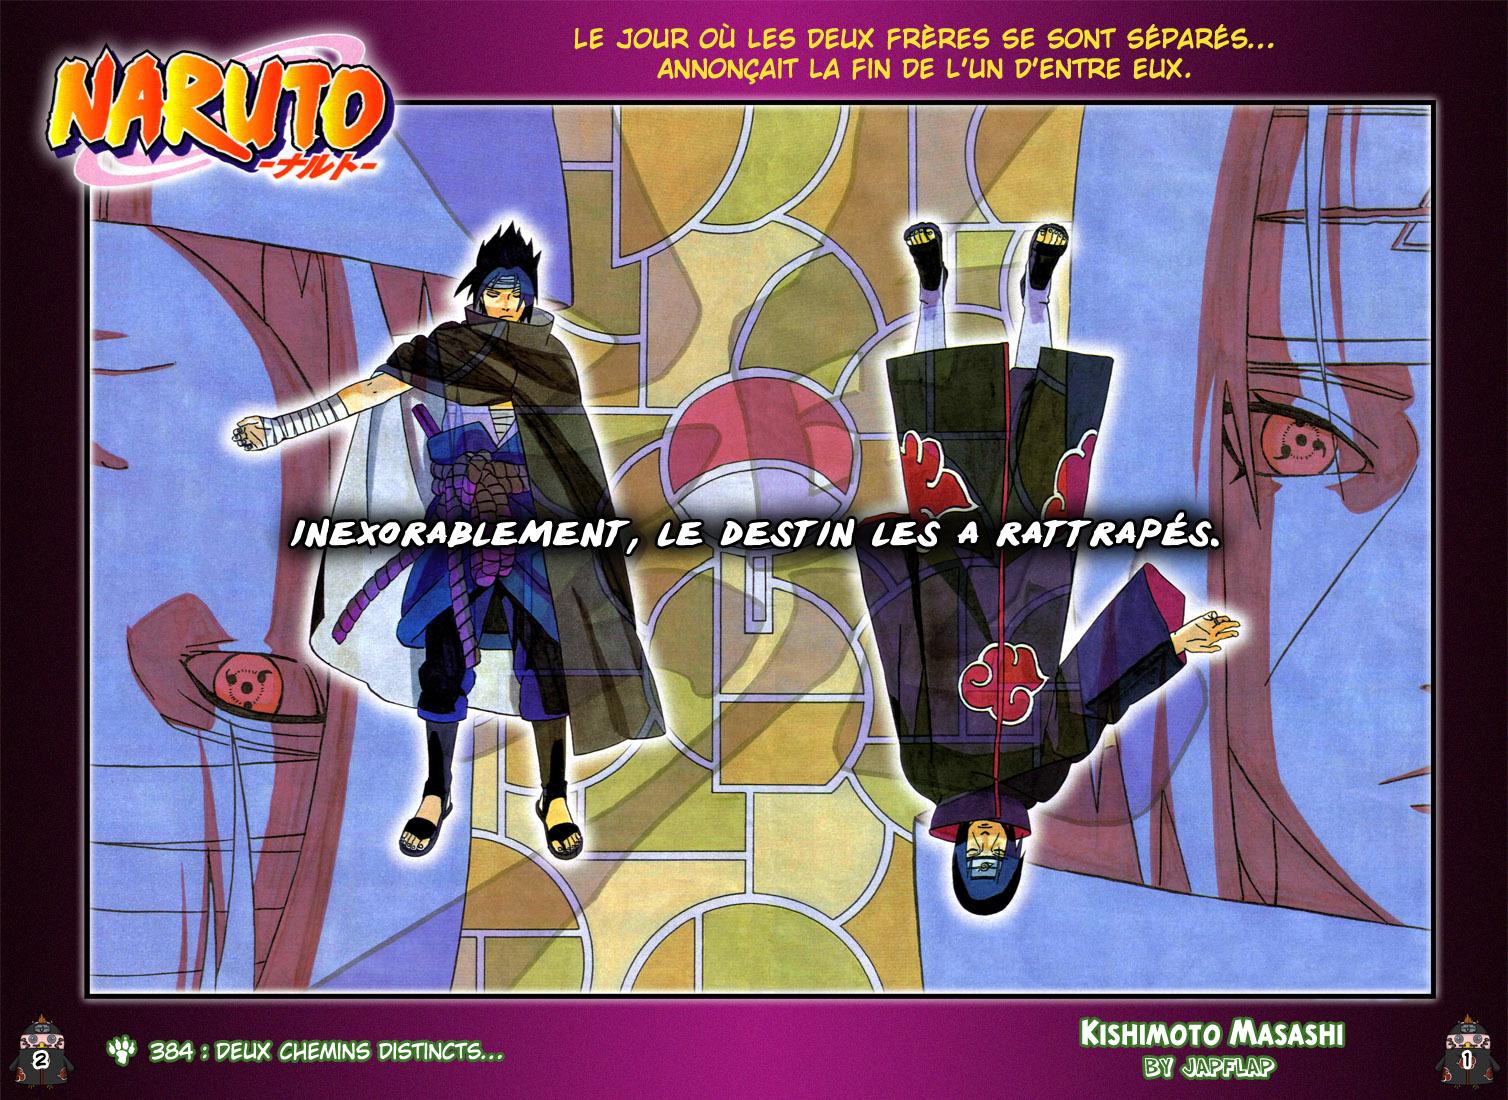 Naruto chapitre 384 colorisé - Page 1